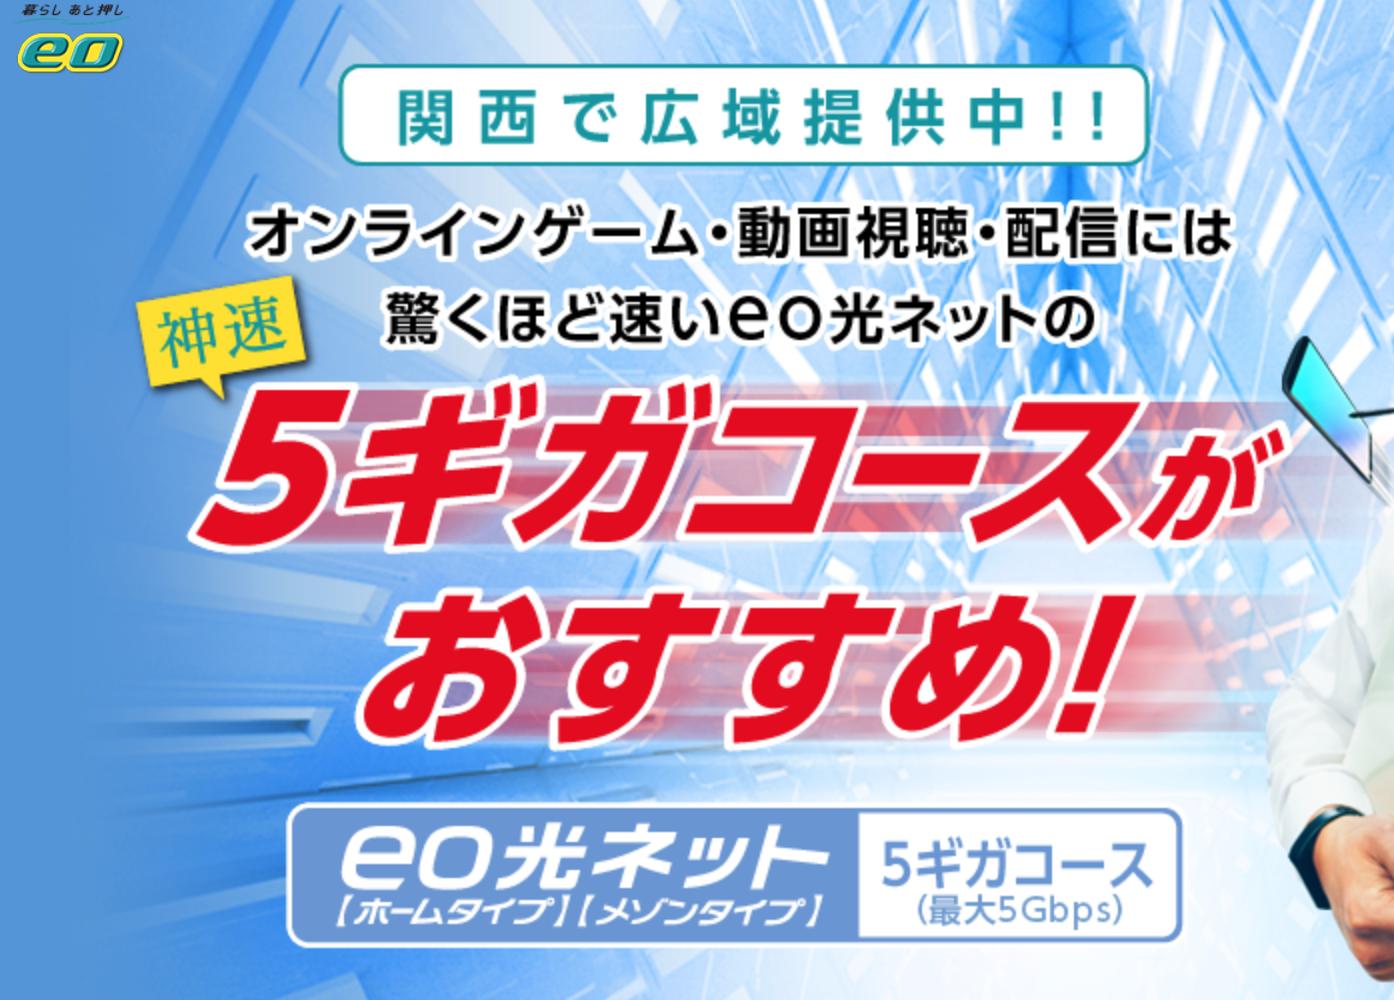 ギガ 電話 line テレビ